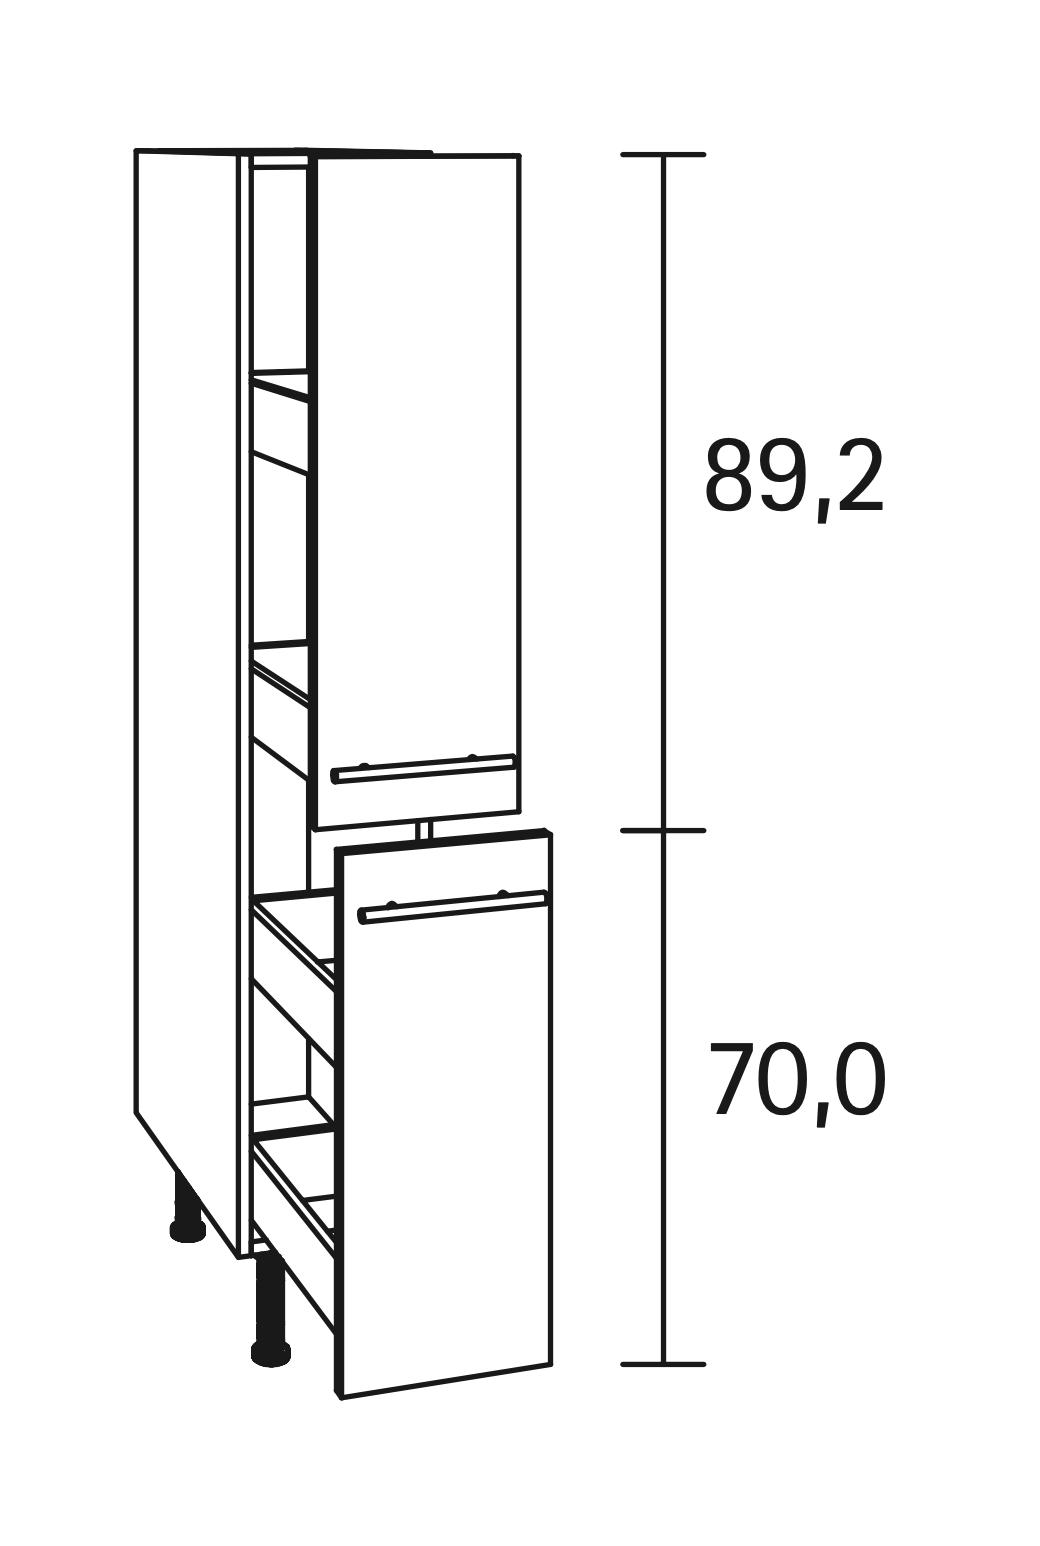 MHFZ306-3D